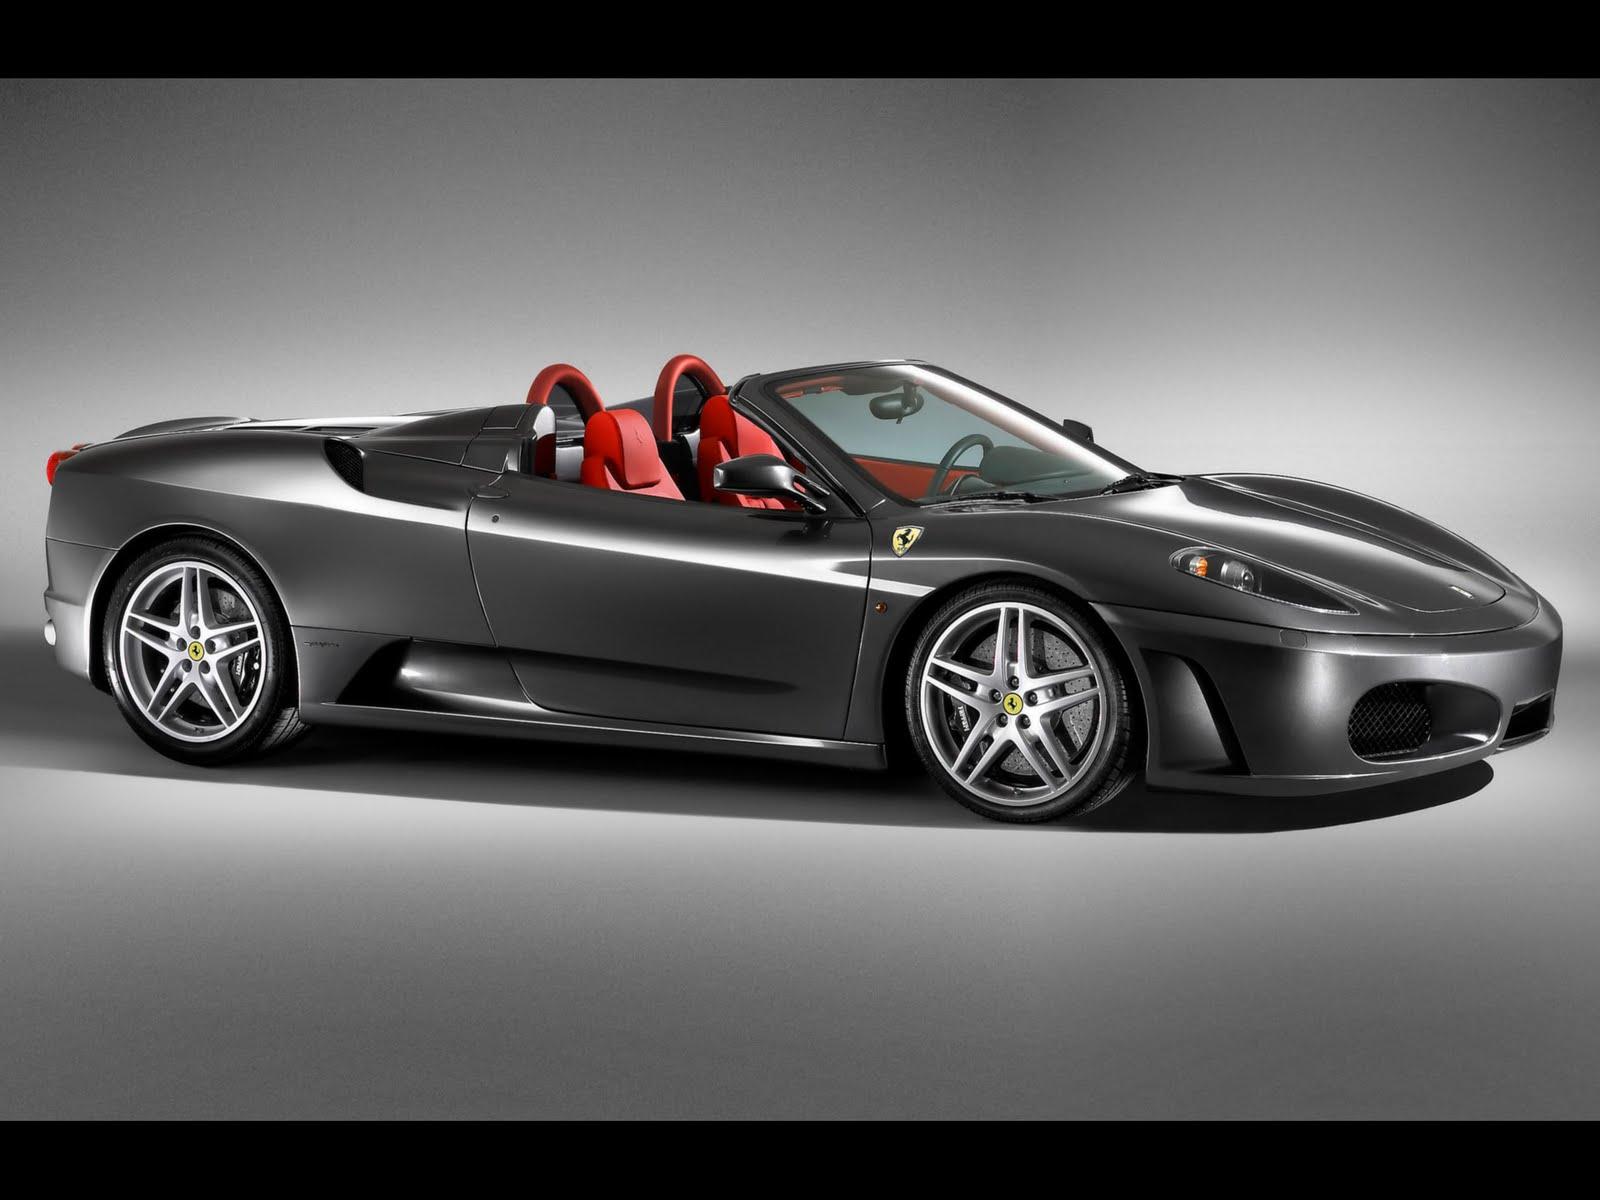 International Fast Cars Sports Cars Ferrari Black